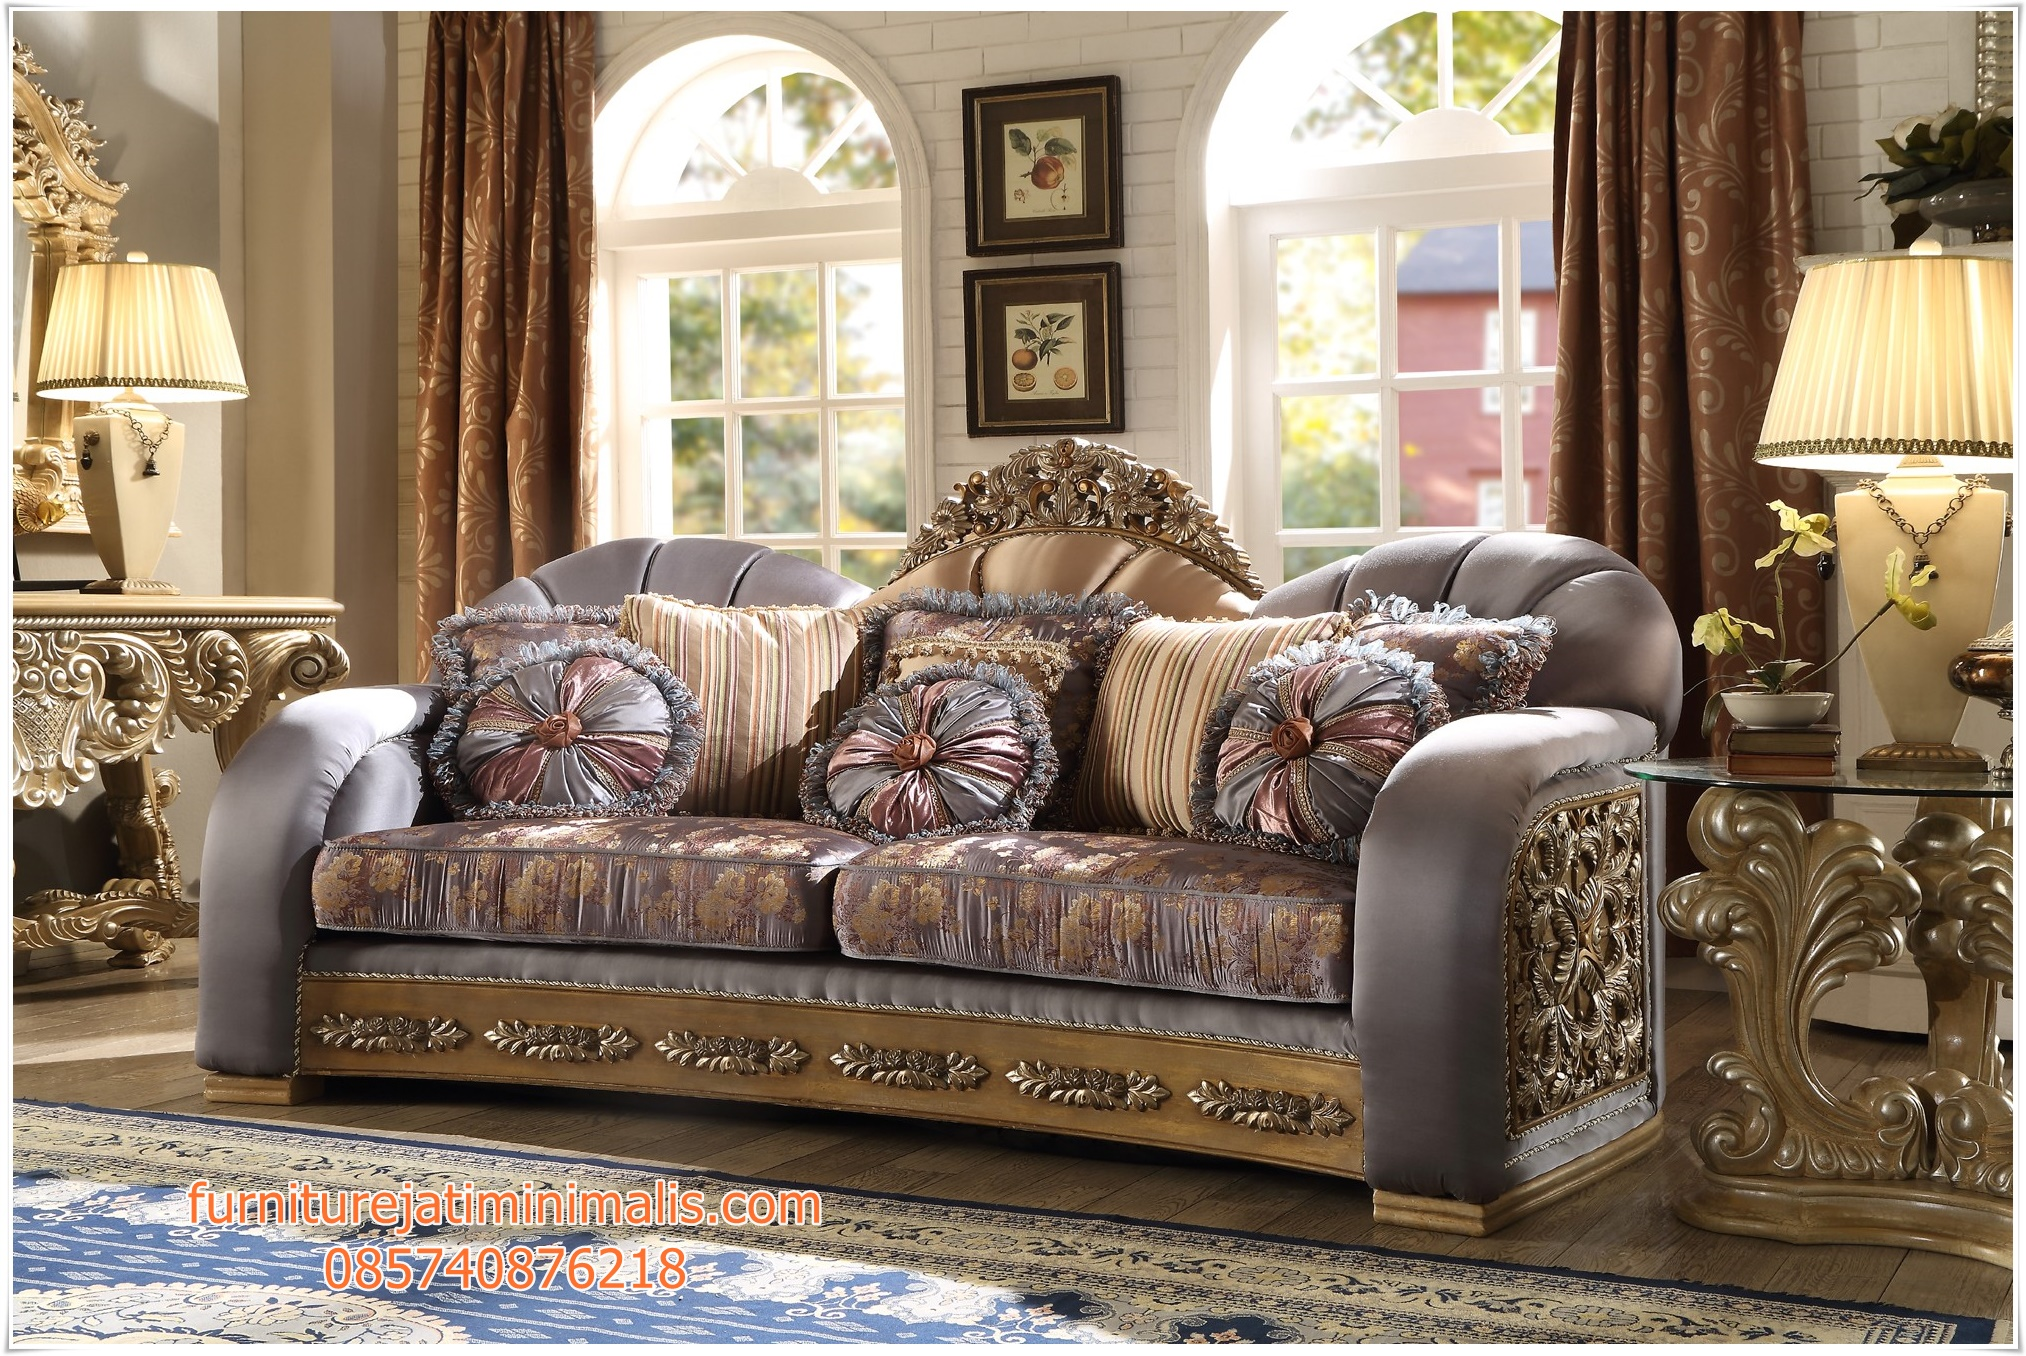 Sofa Mewah Ruang Tamu Klasik Model Untuk